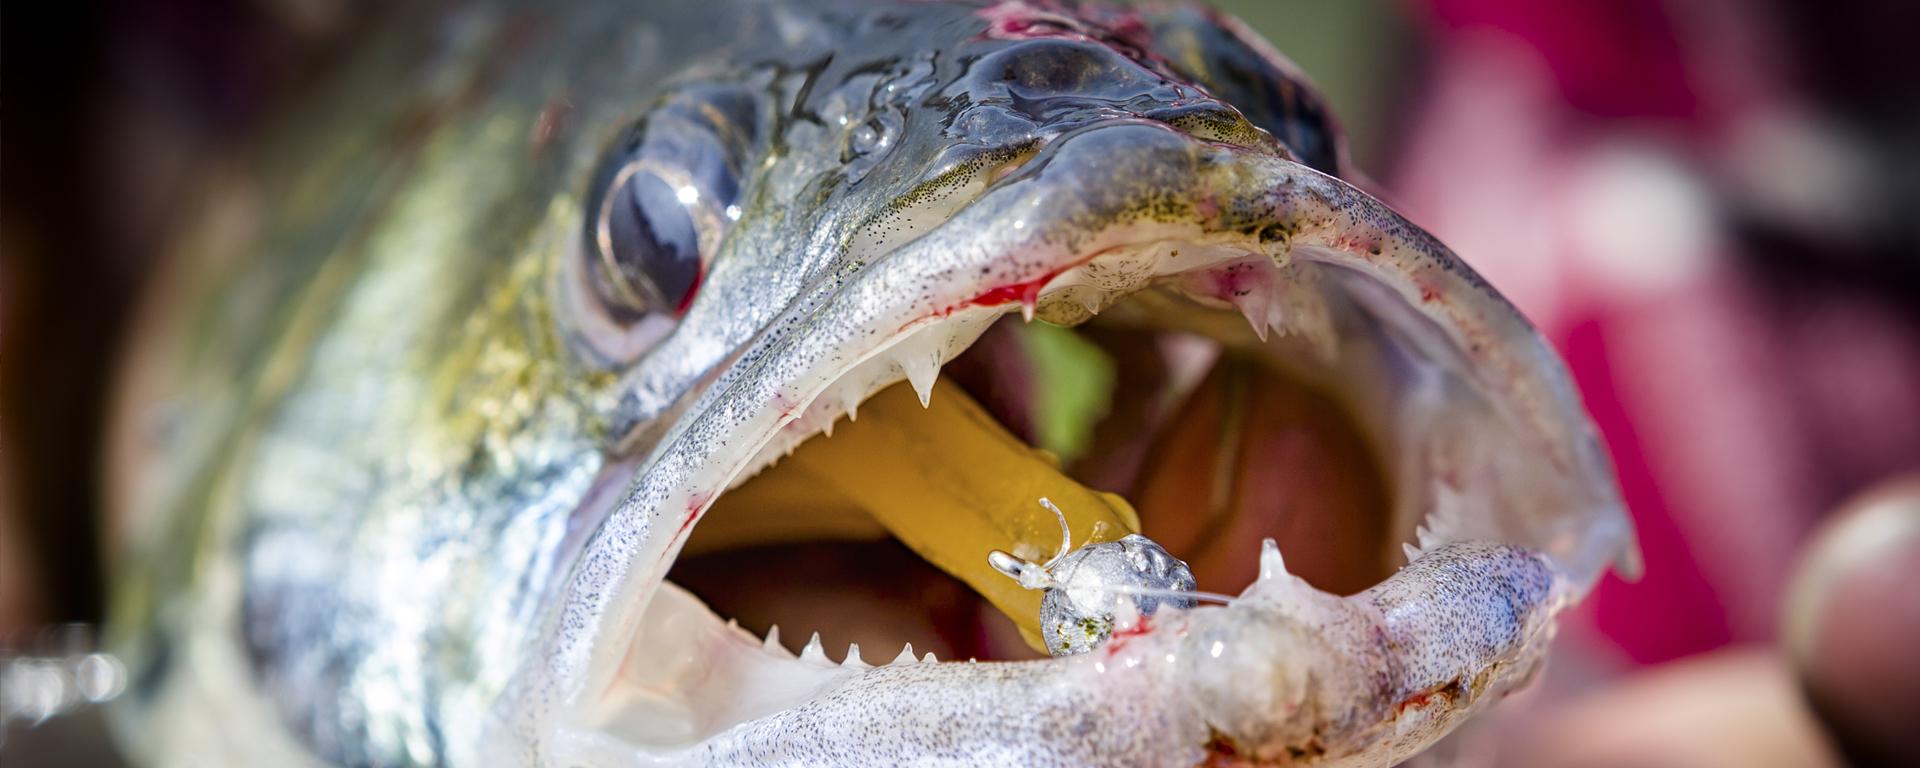 Roofvissen snoekbaars